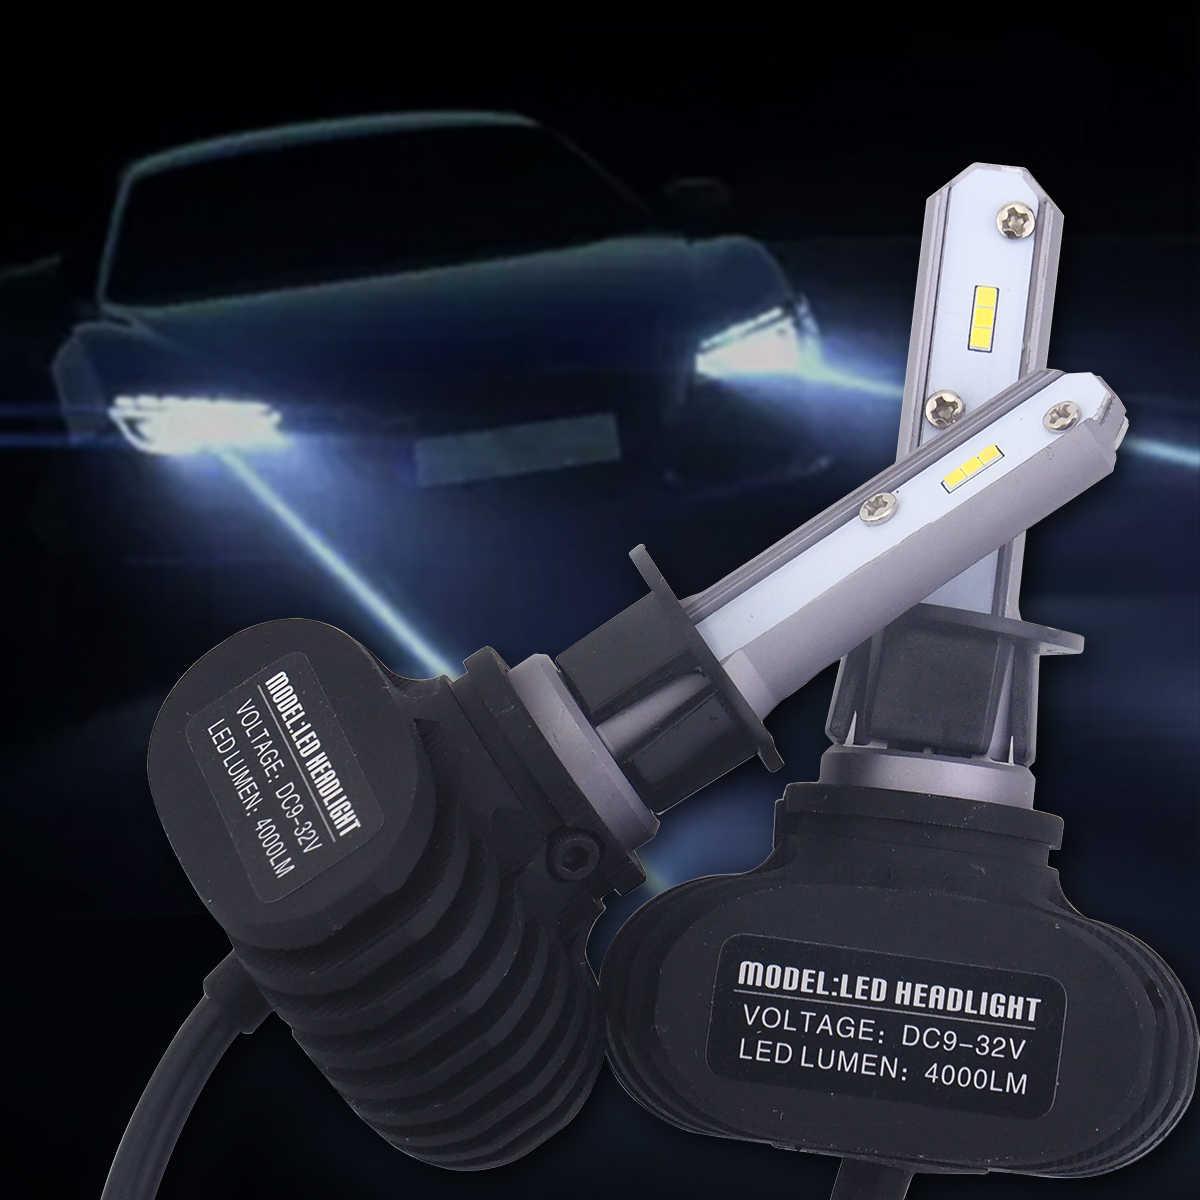 Пара S1 автомобильных фар автомобиля светодио дный огни Автомобильные фары H1 H4 H7 H8/9/11 9005 9006 автомобиль дальнего света 6500 К